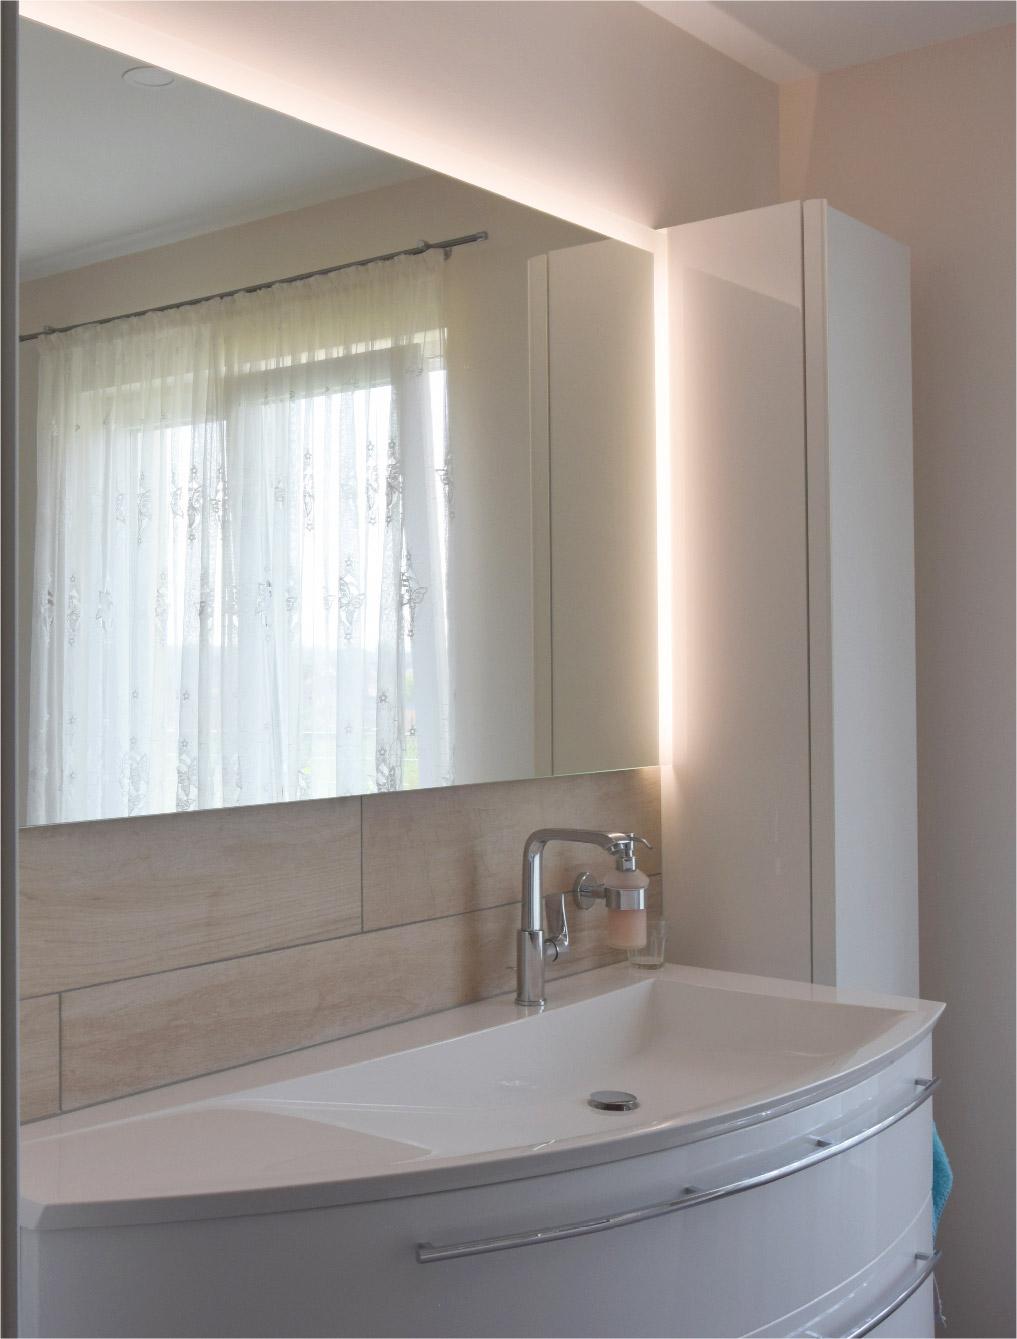 Waschtisch mit LED